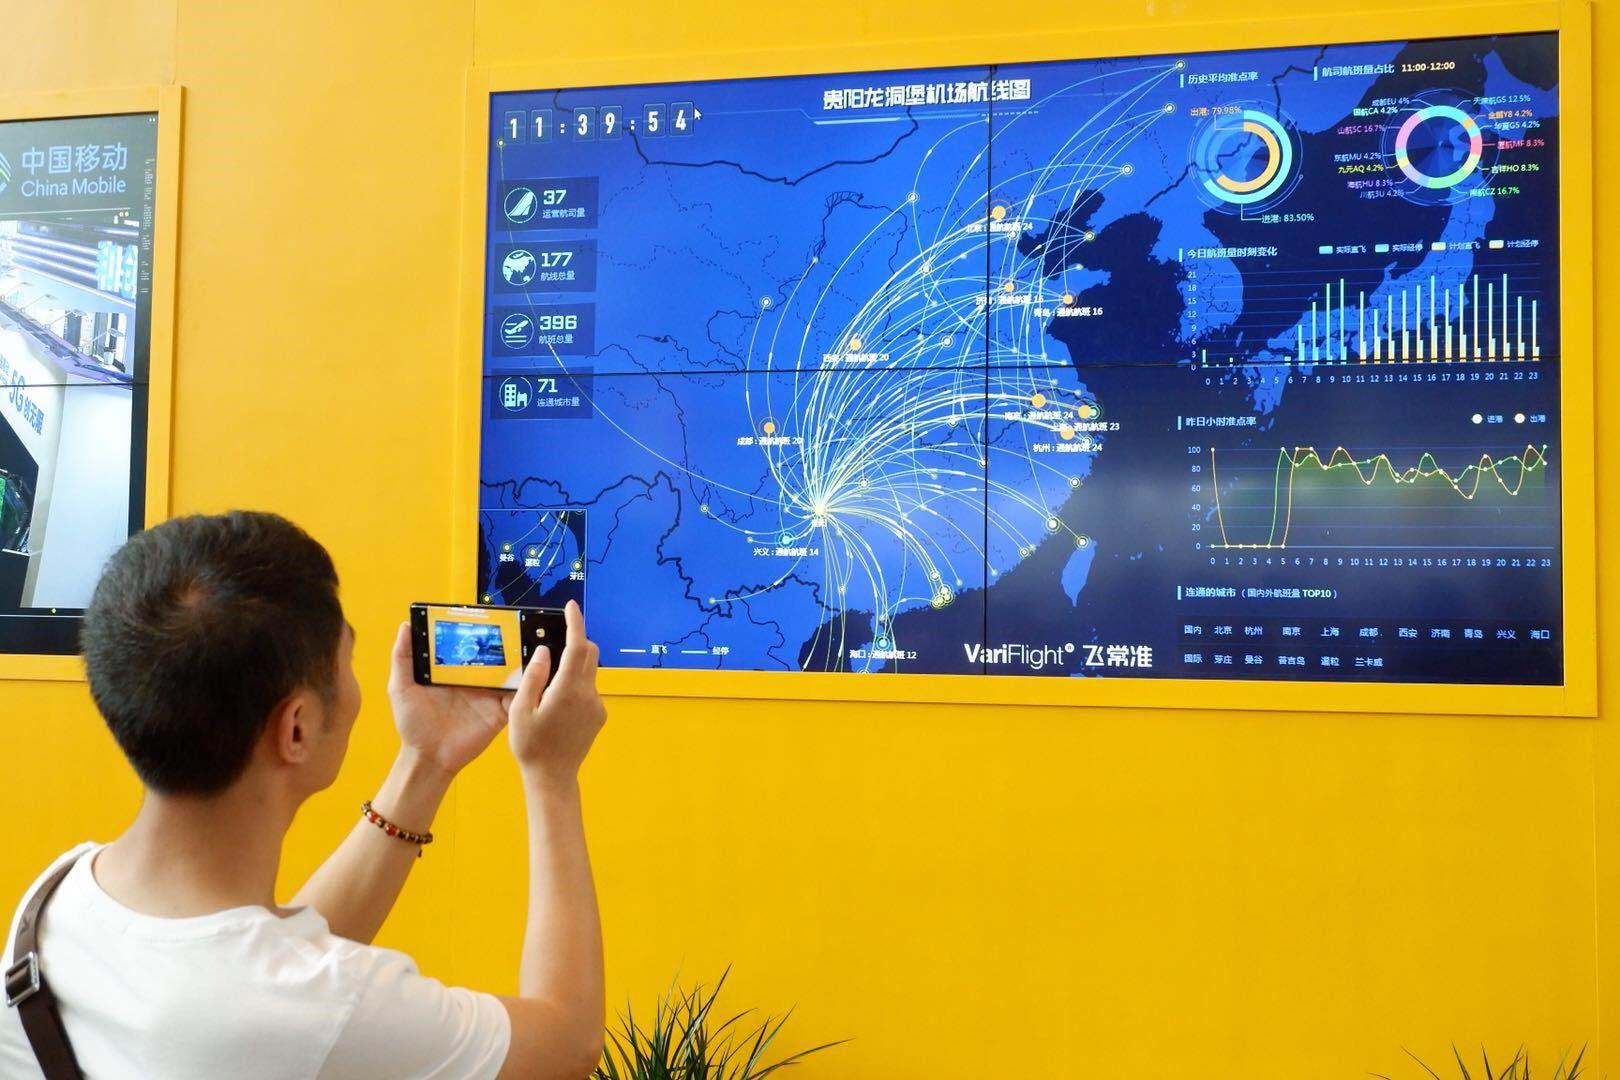 航班延误顽疾有望改善 飞常准用大数据勾勒智慧机场蓝图